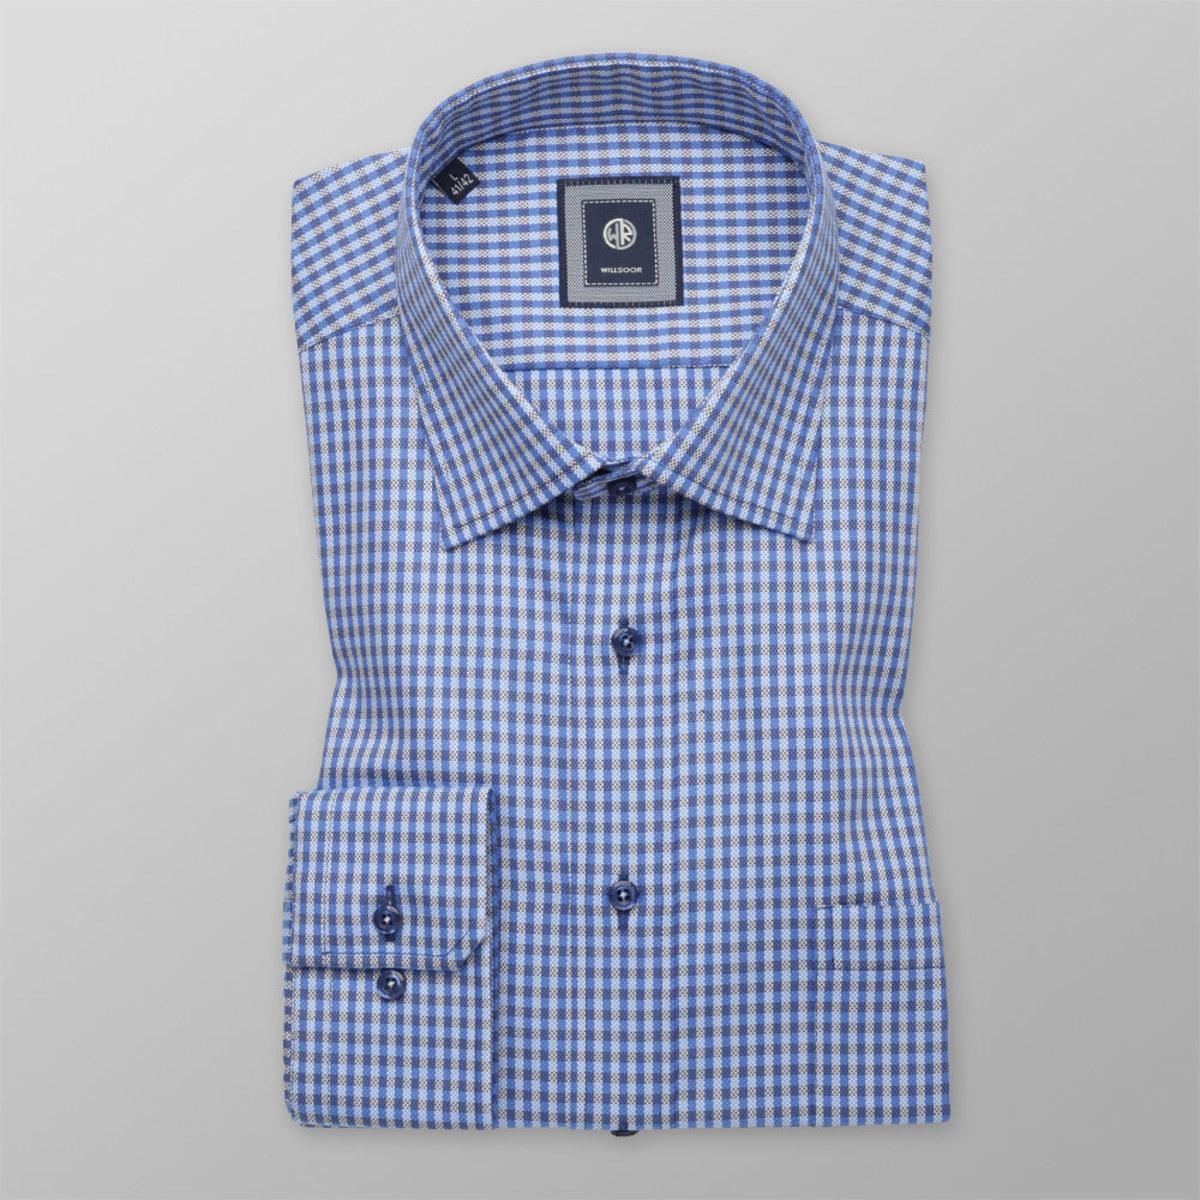 Košeľa kockovaná Slim Fit (výška 176 - 182) 10289 176-182 / L (41/42)